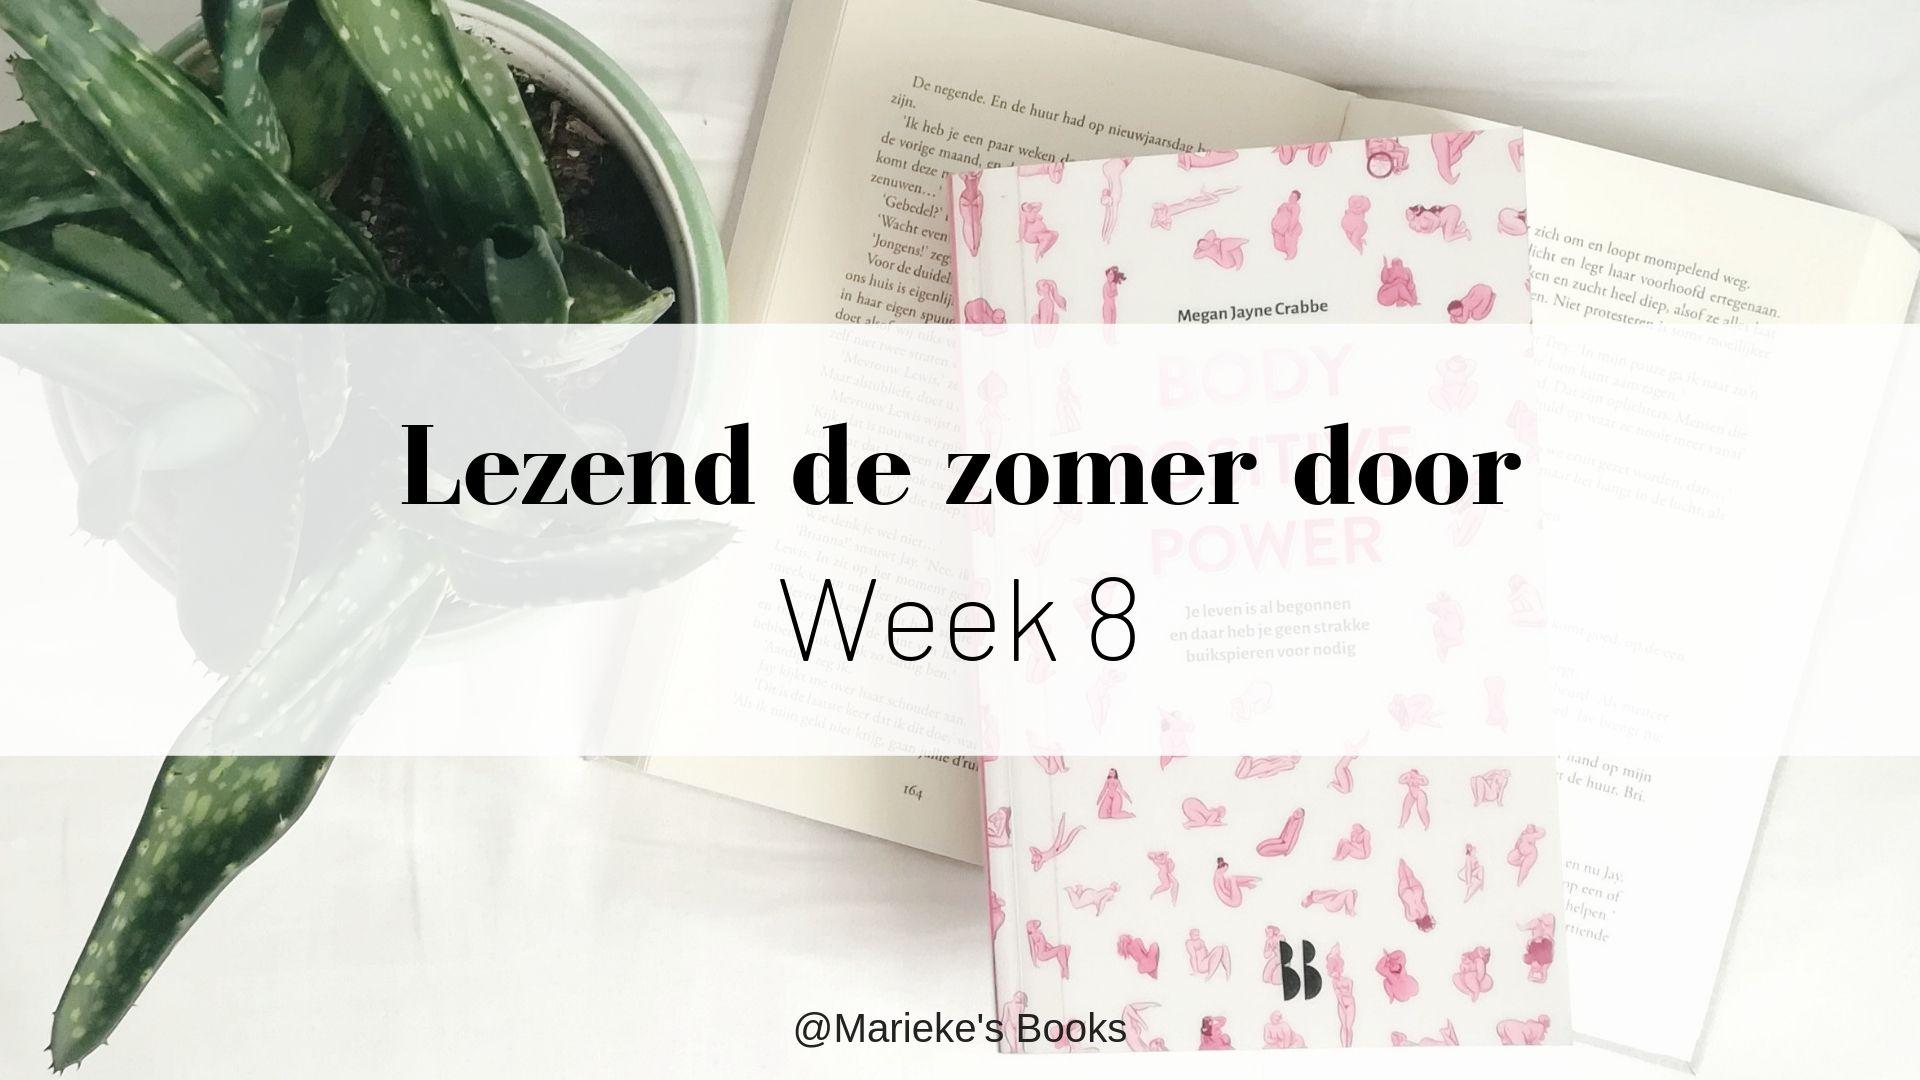 Lezend de zomer door - week 8 | Marieke's Books